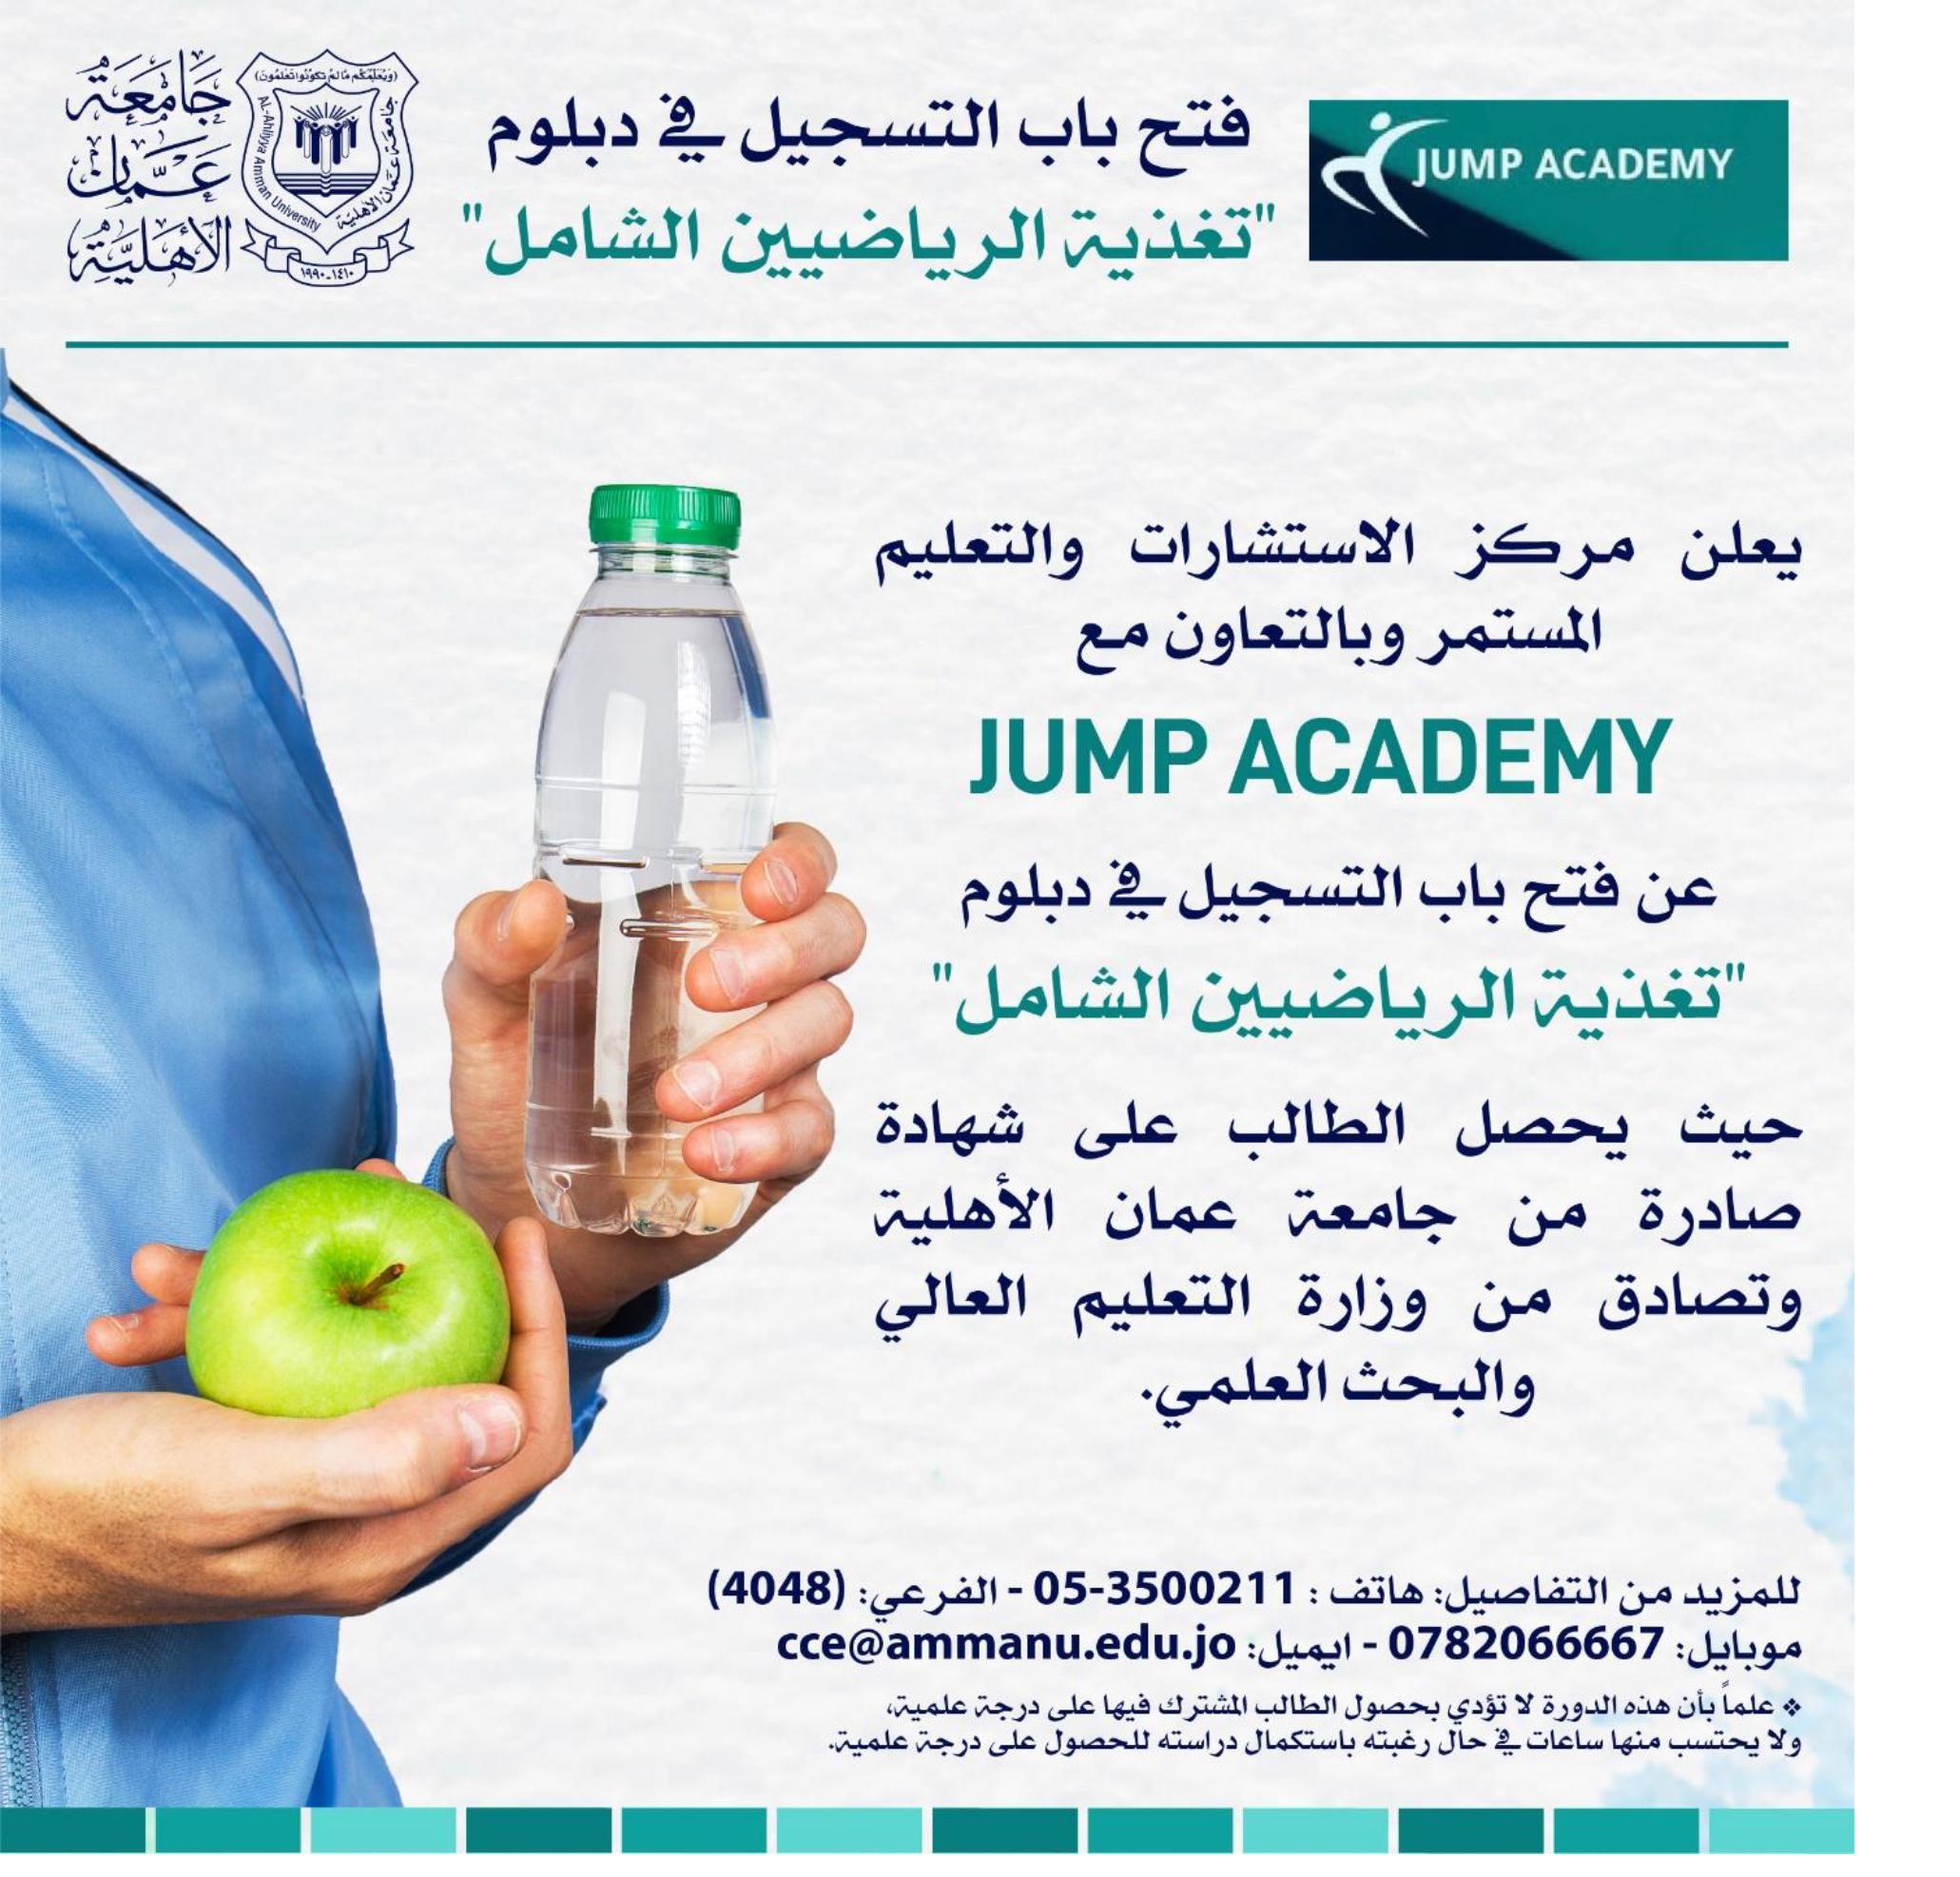 عمان الأهلية تفتح باب التسجيل في دبلوم : تغذية الرياضيين الشامل